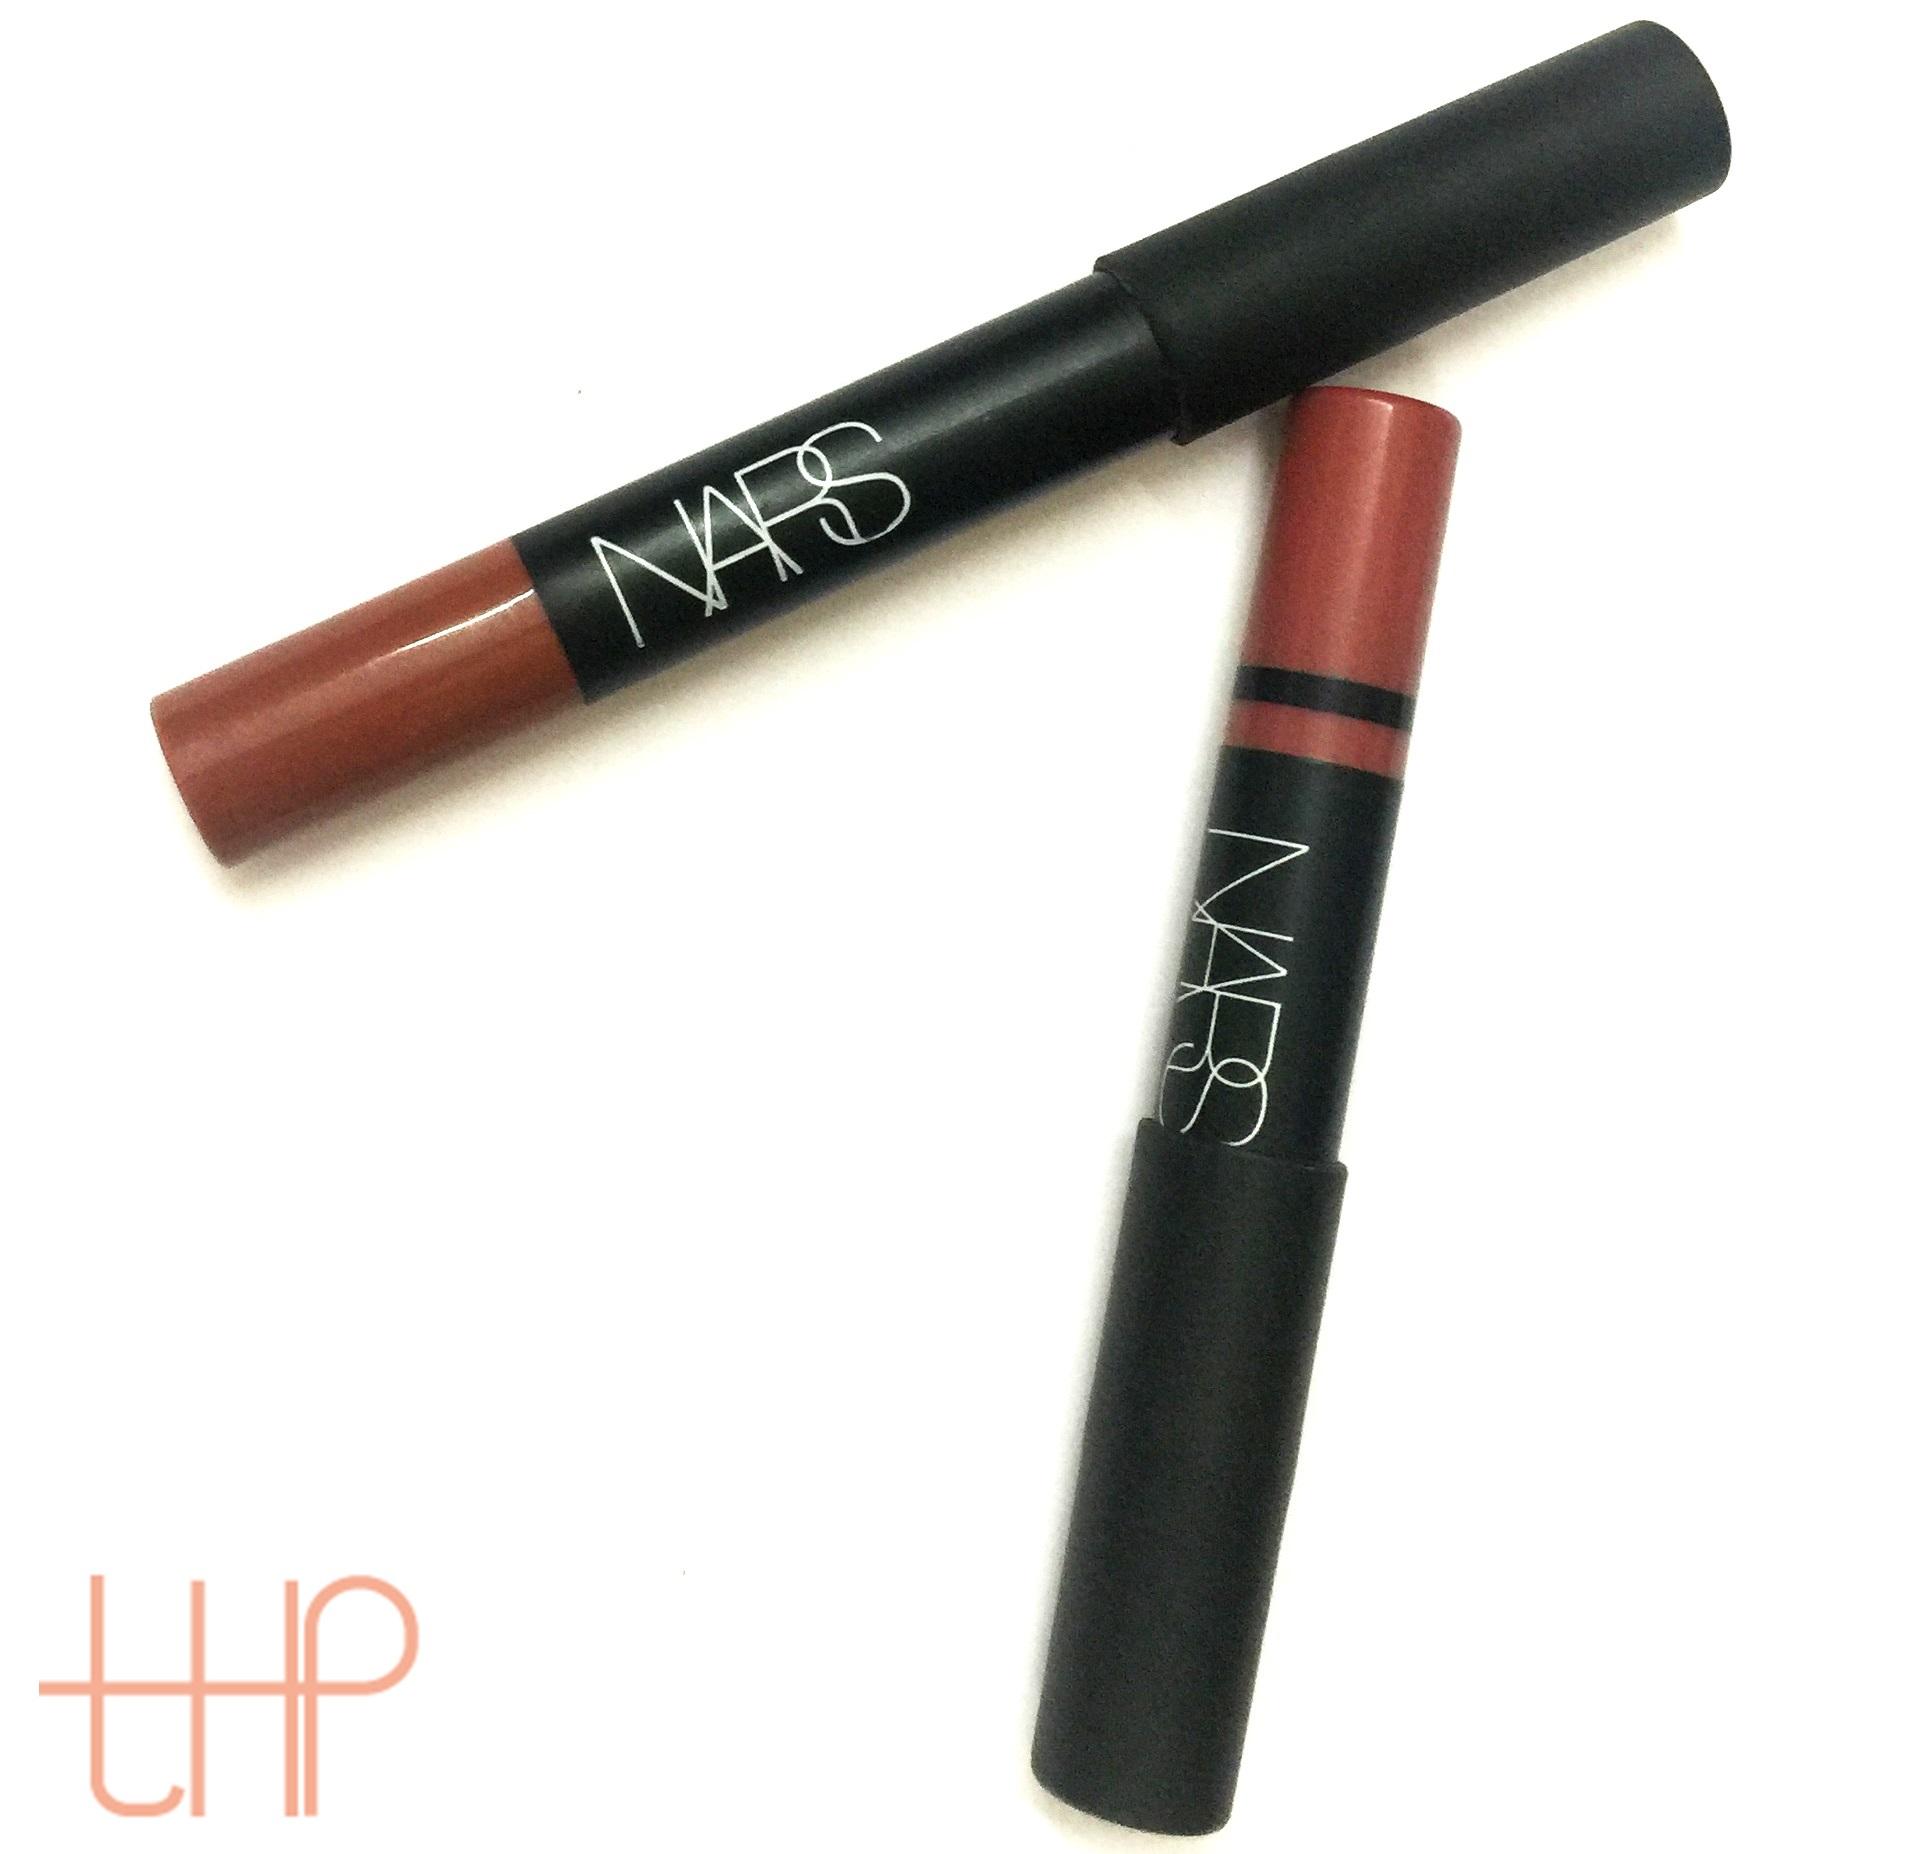 NARS Matte & Satin Lip Pencil Review